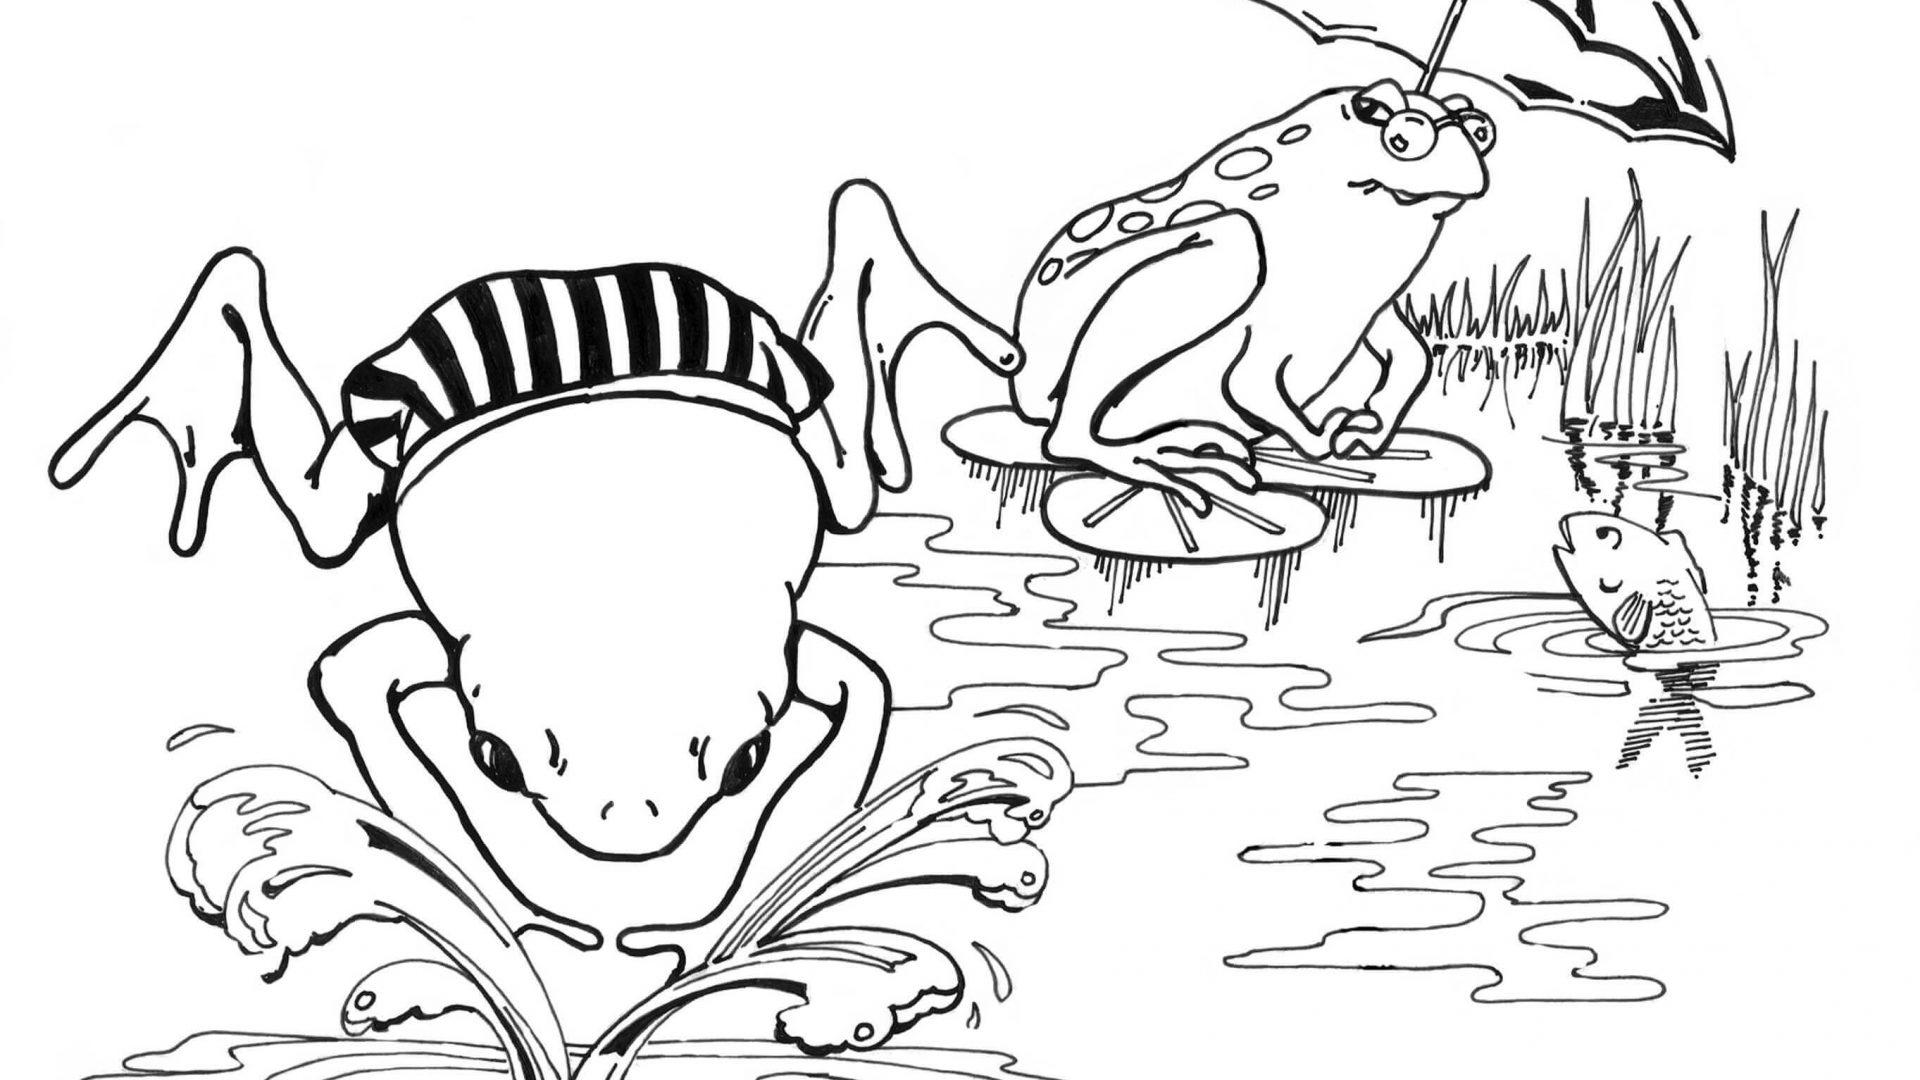 Frog Life Cycle Drawing At Getdrawings